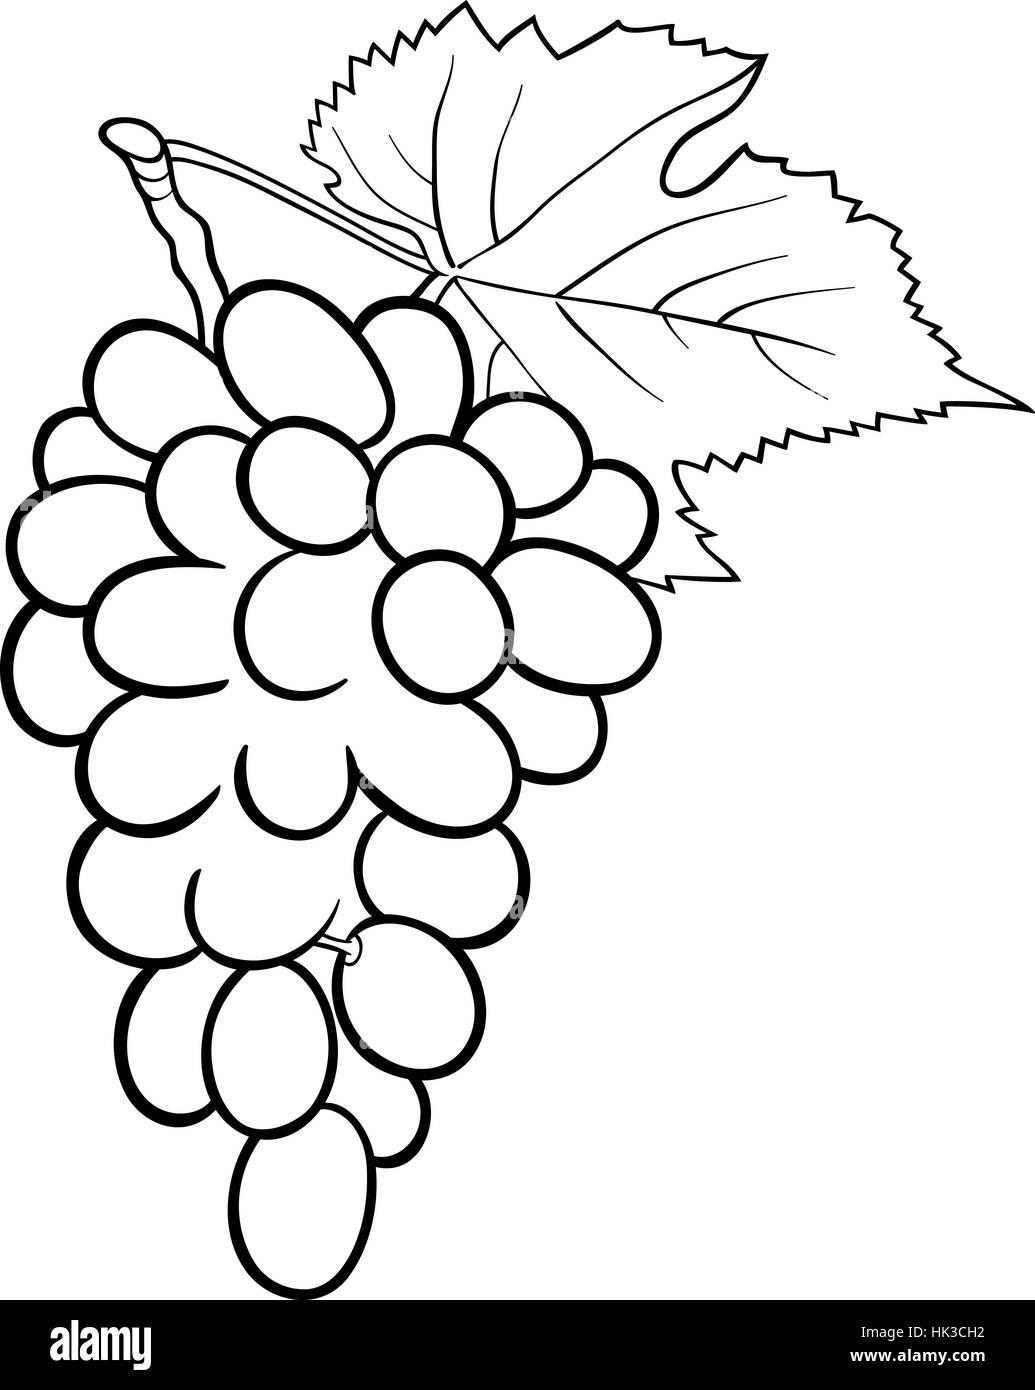 Bianco E Nero Cartoon Illustrazione Del Grappolo Di Uva O Grapevine Frutta Oggetto Alimentare Per Il Libro Da Colorare Foto Stock Alamy